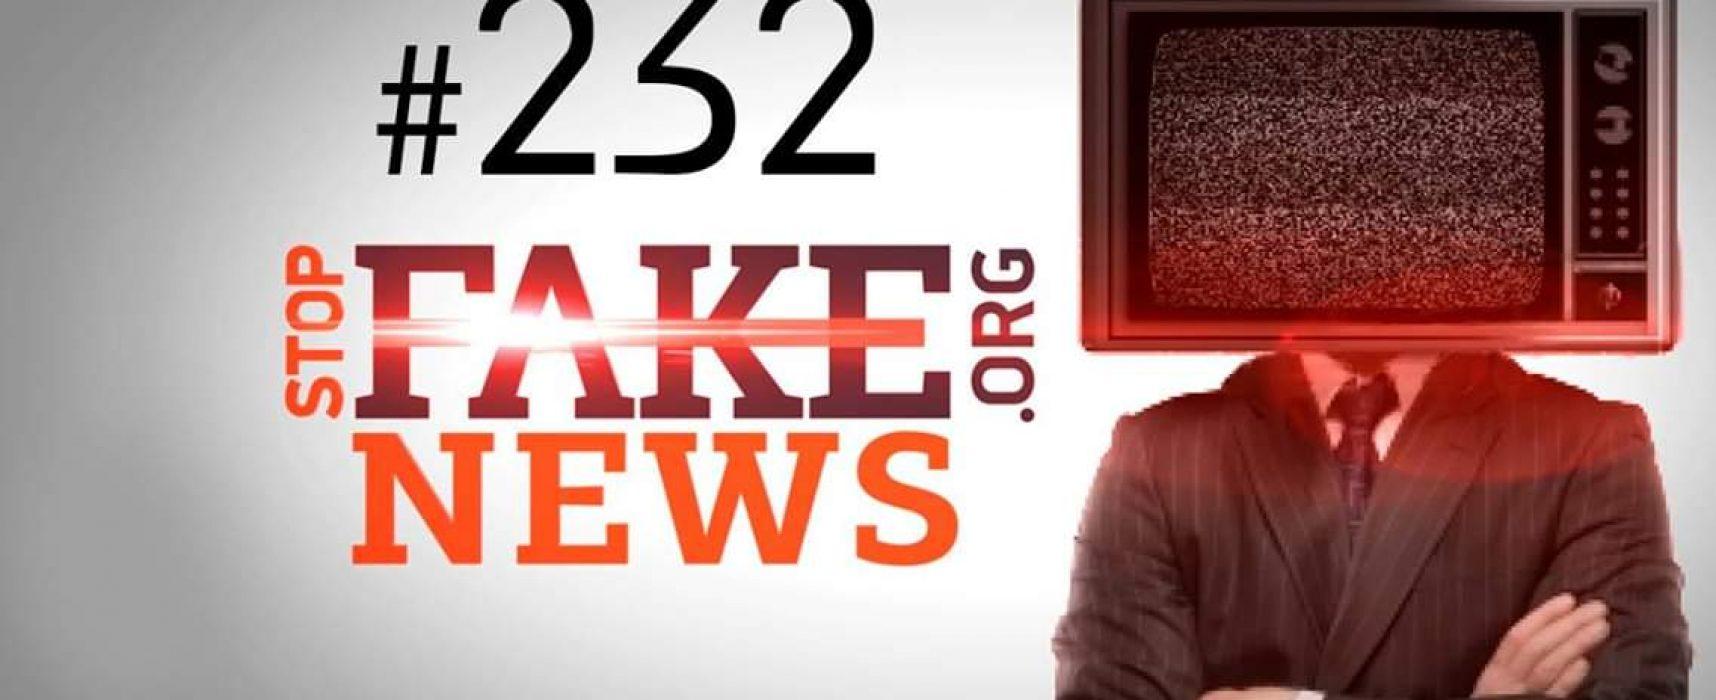 Что писали  российские СМИ об убийствах в Керчи — SFN #232